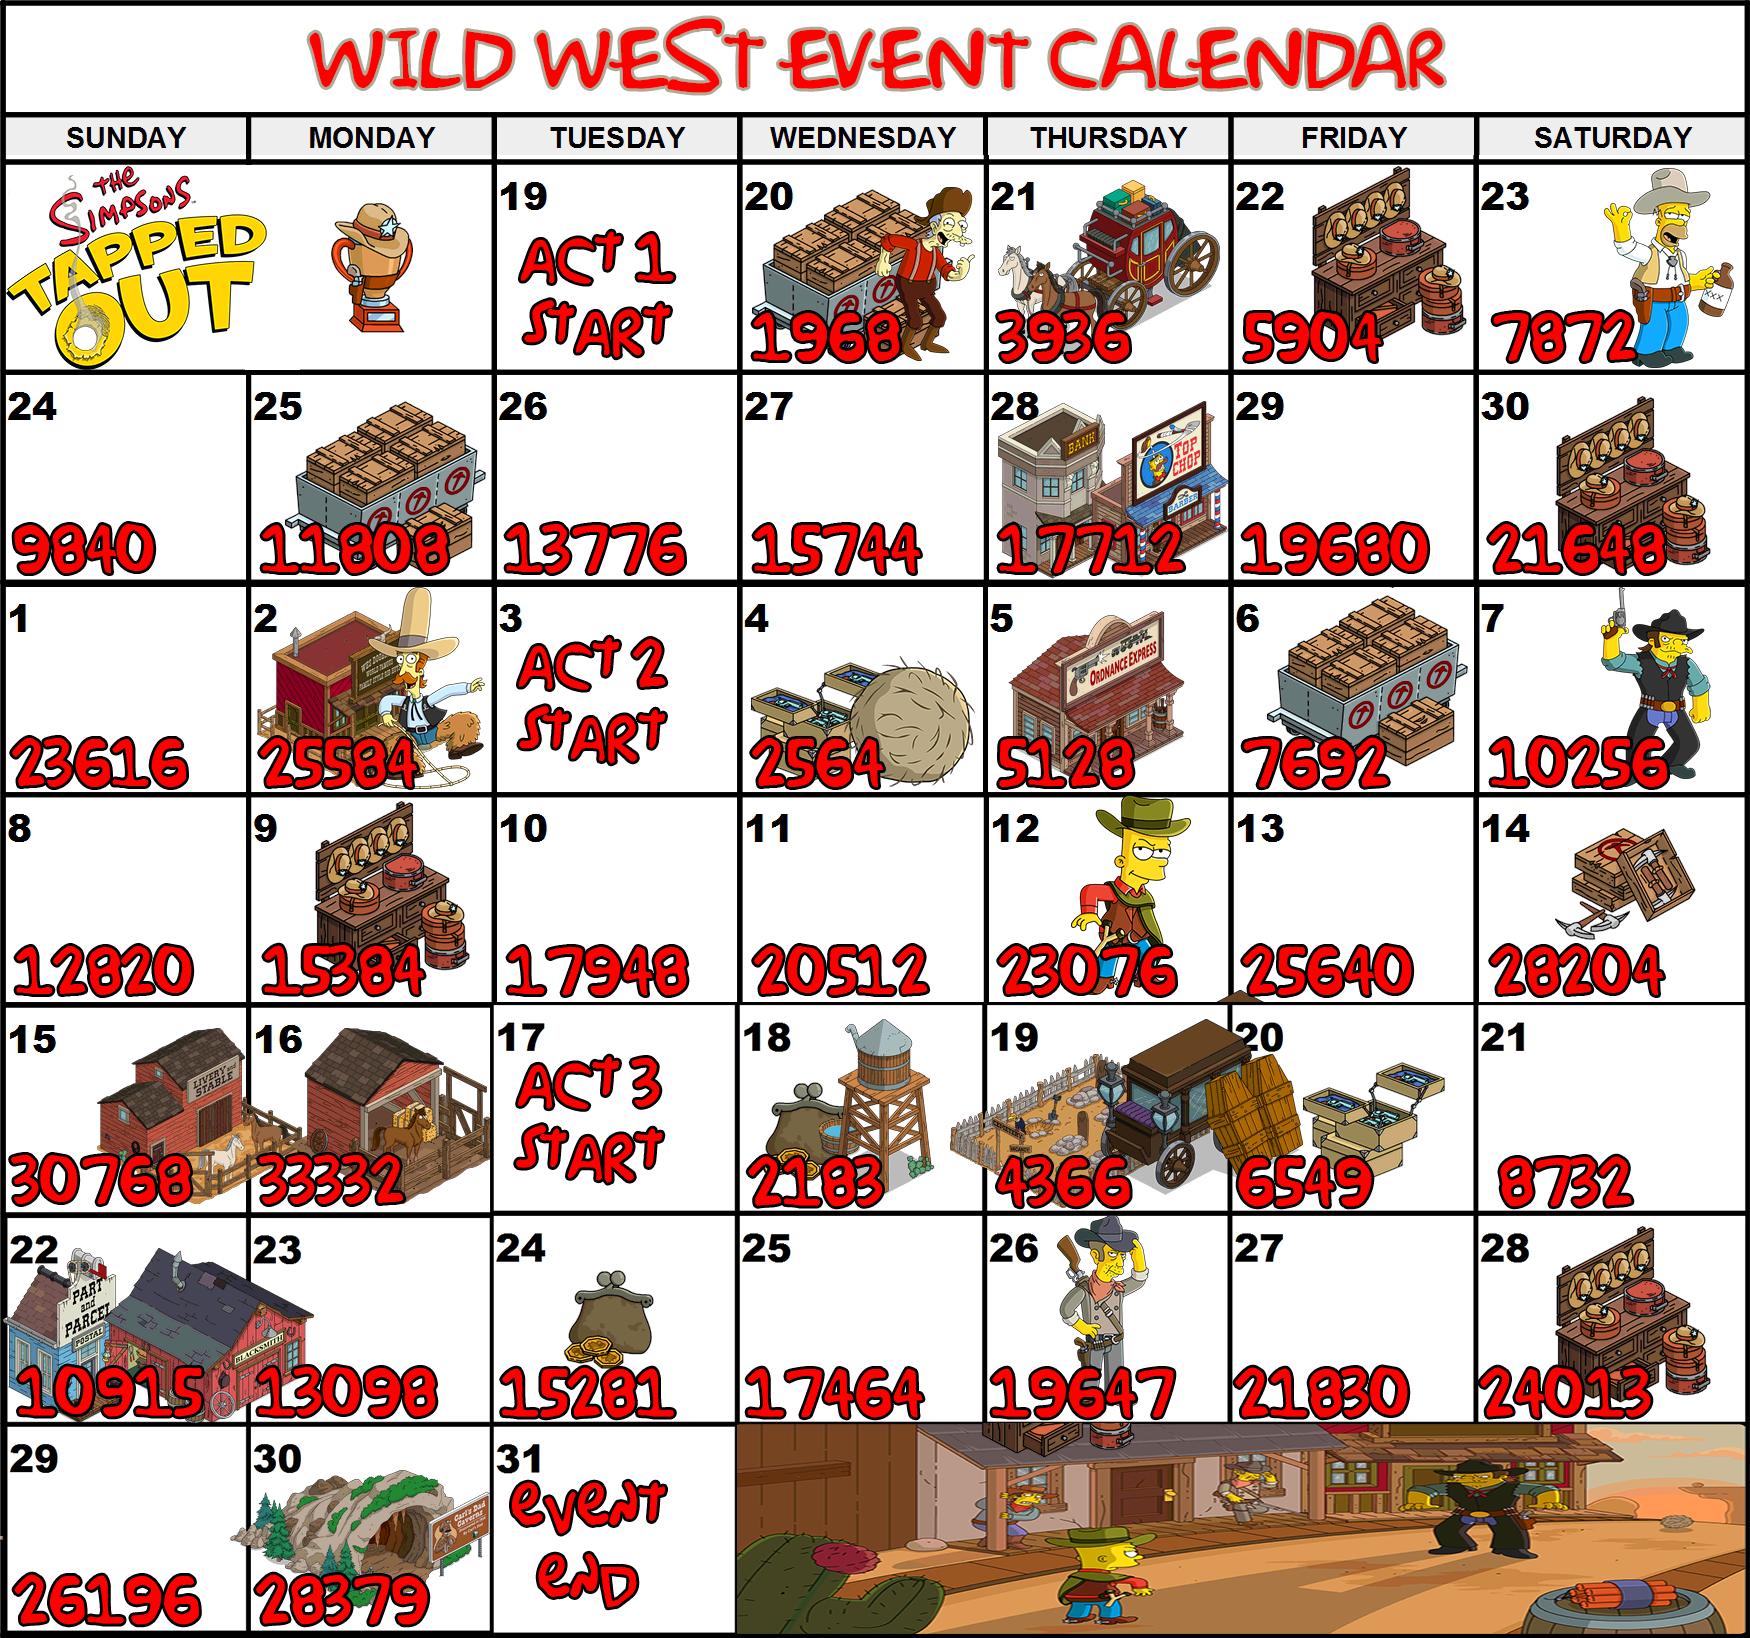 Ww_event_calendar